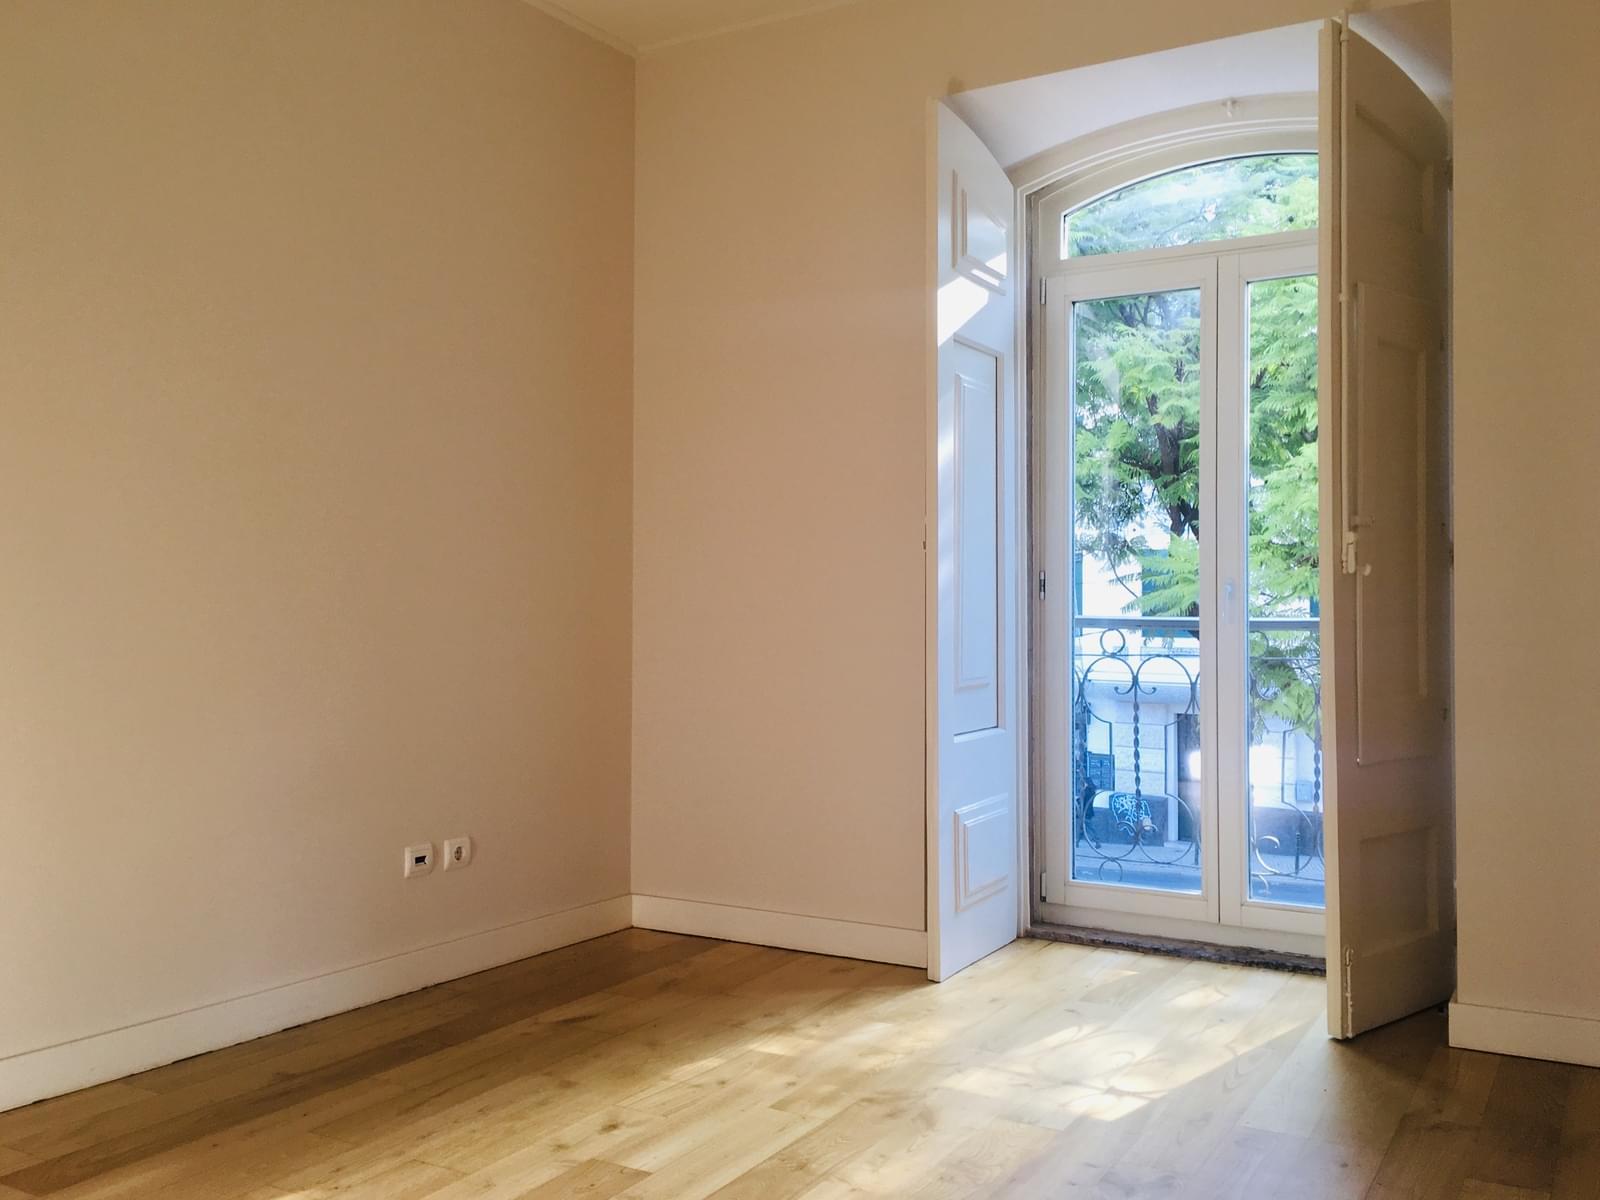 pf18822-apartamento-t1-lisboa-781bfd8f-6c29-492e-ba32-961a338d4a8d